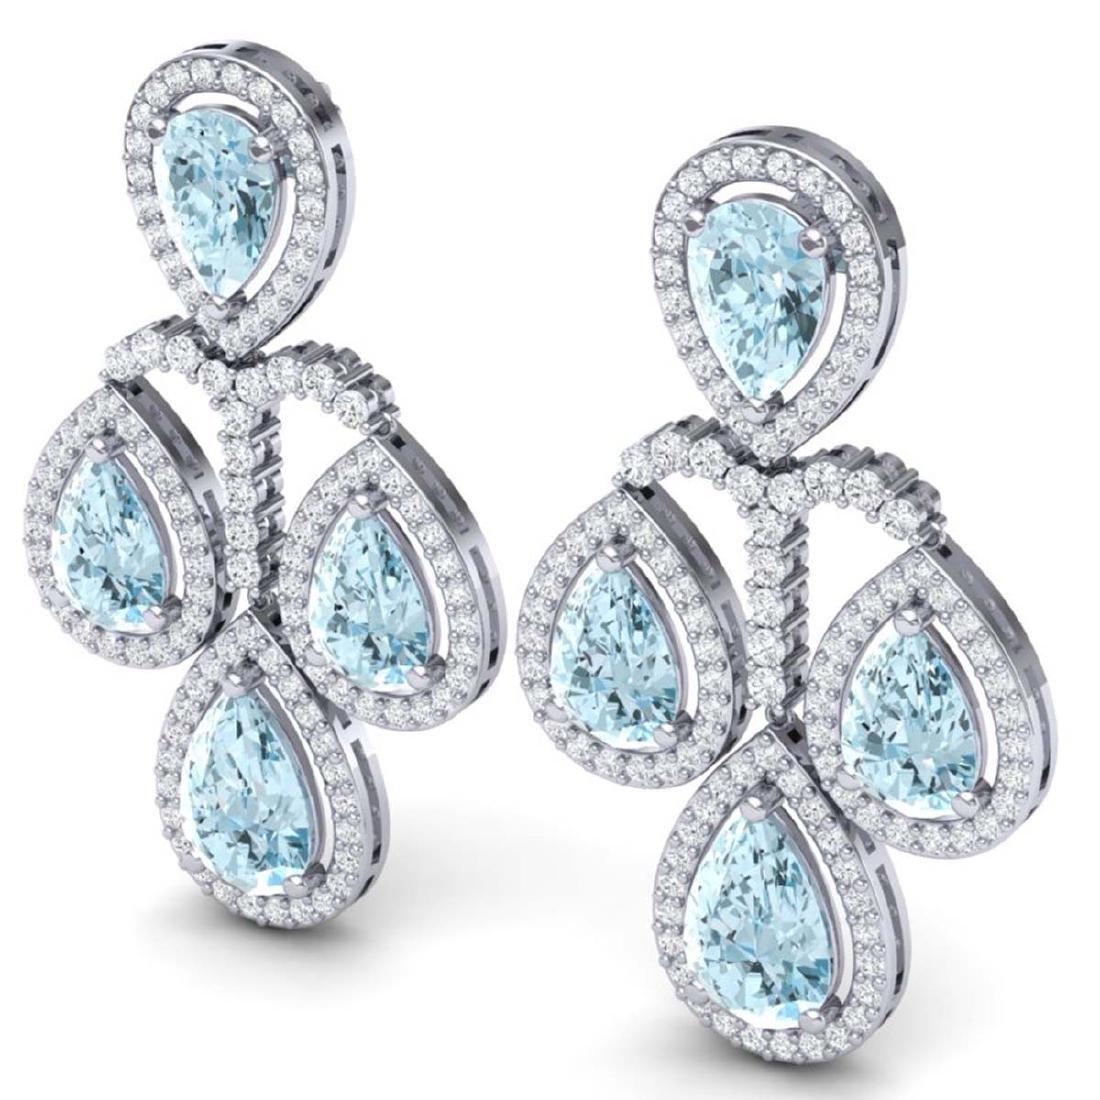 30.54 CTW Royalty Sky Topaz & VS Diamond Earrings 18K - 2